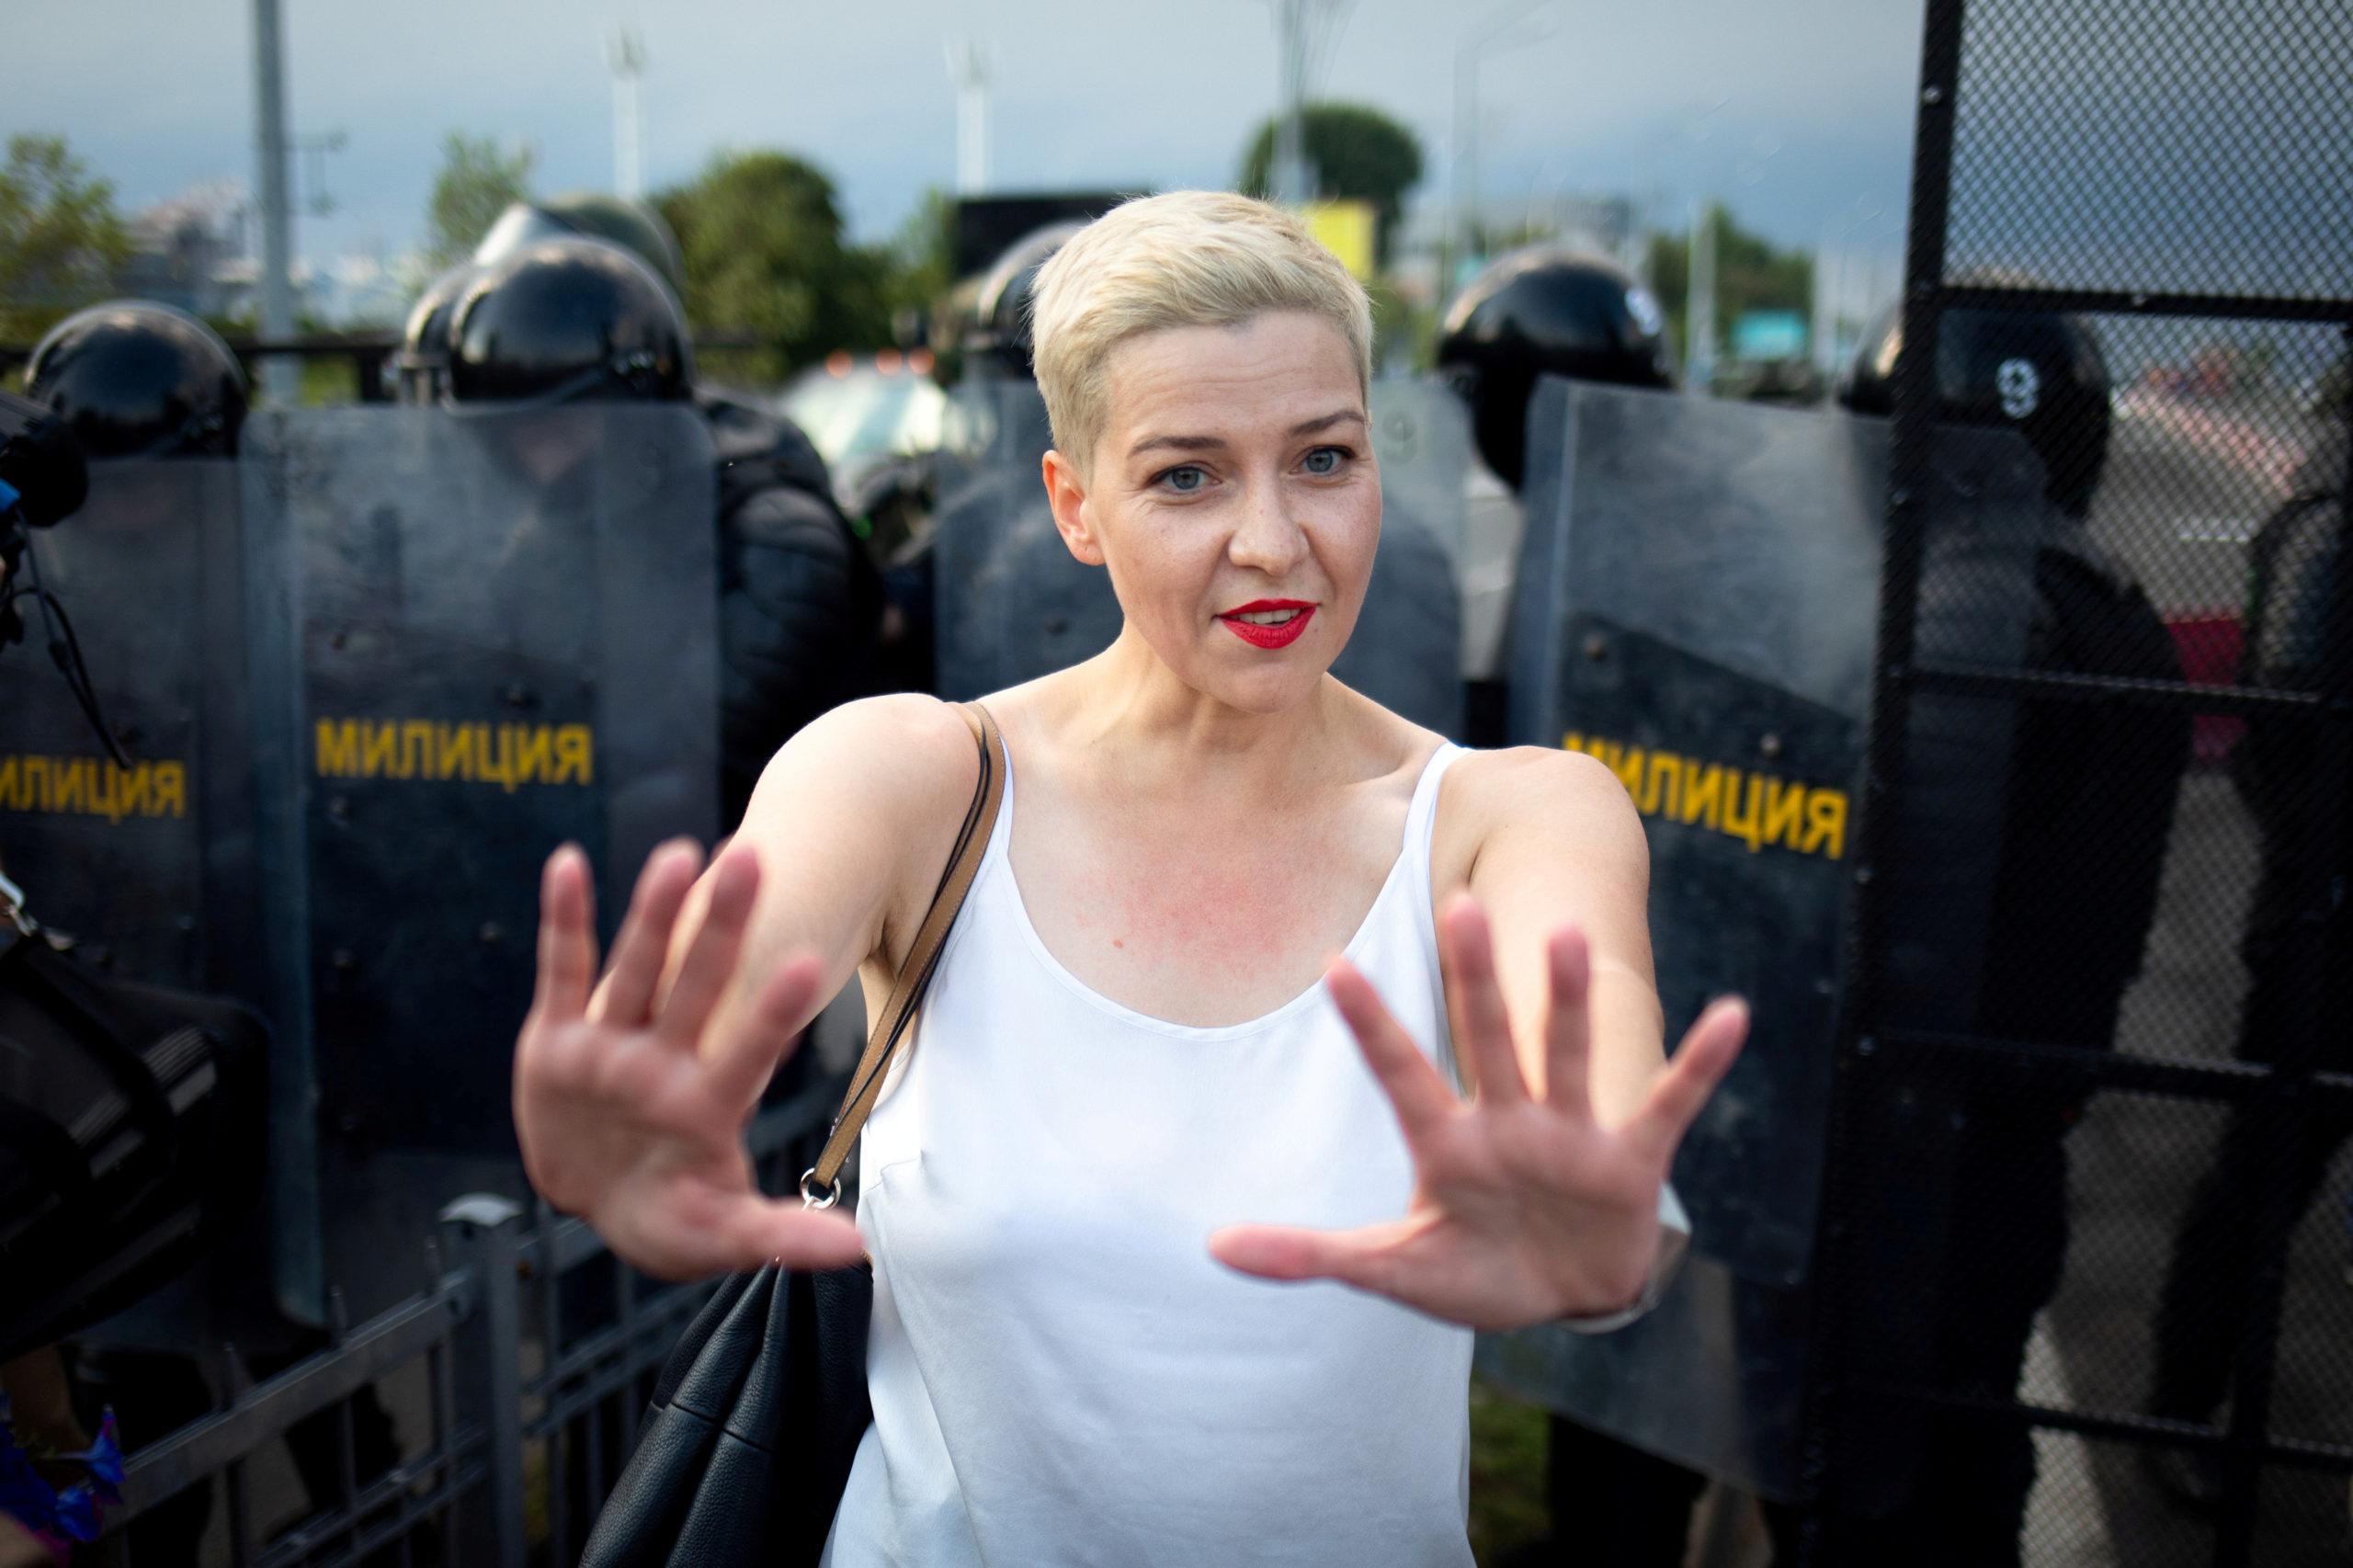 L'opposante biélorusse Kolesnikova dit avoir été menacée de mort par les forces de sécurité